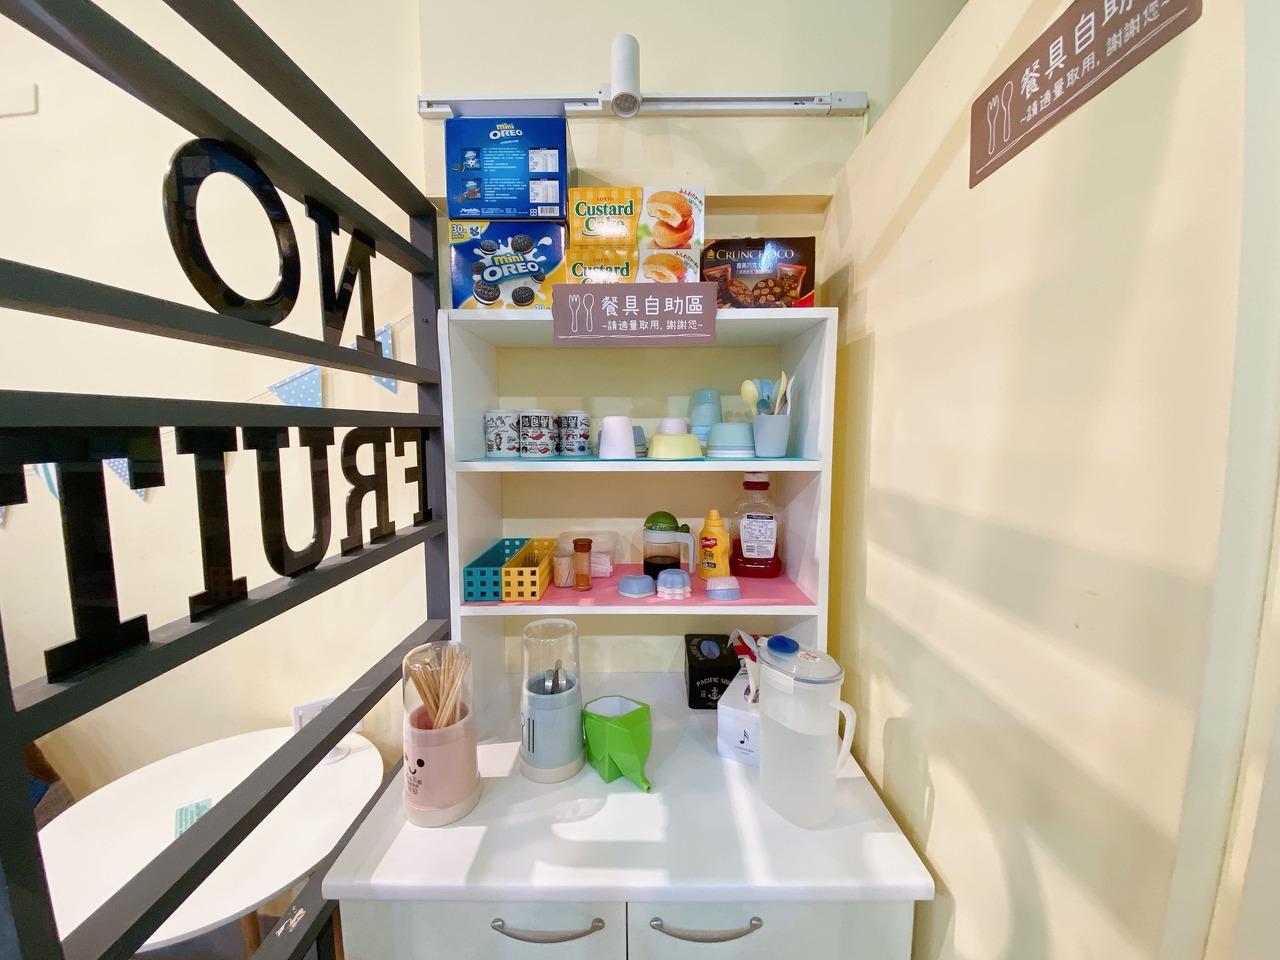 鮮果王冰品專賣店 環境介紹